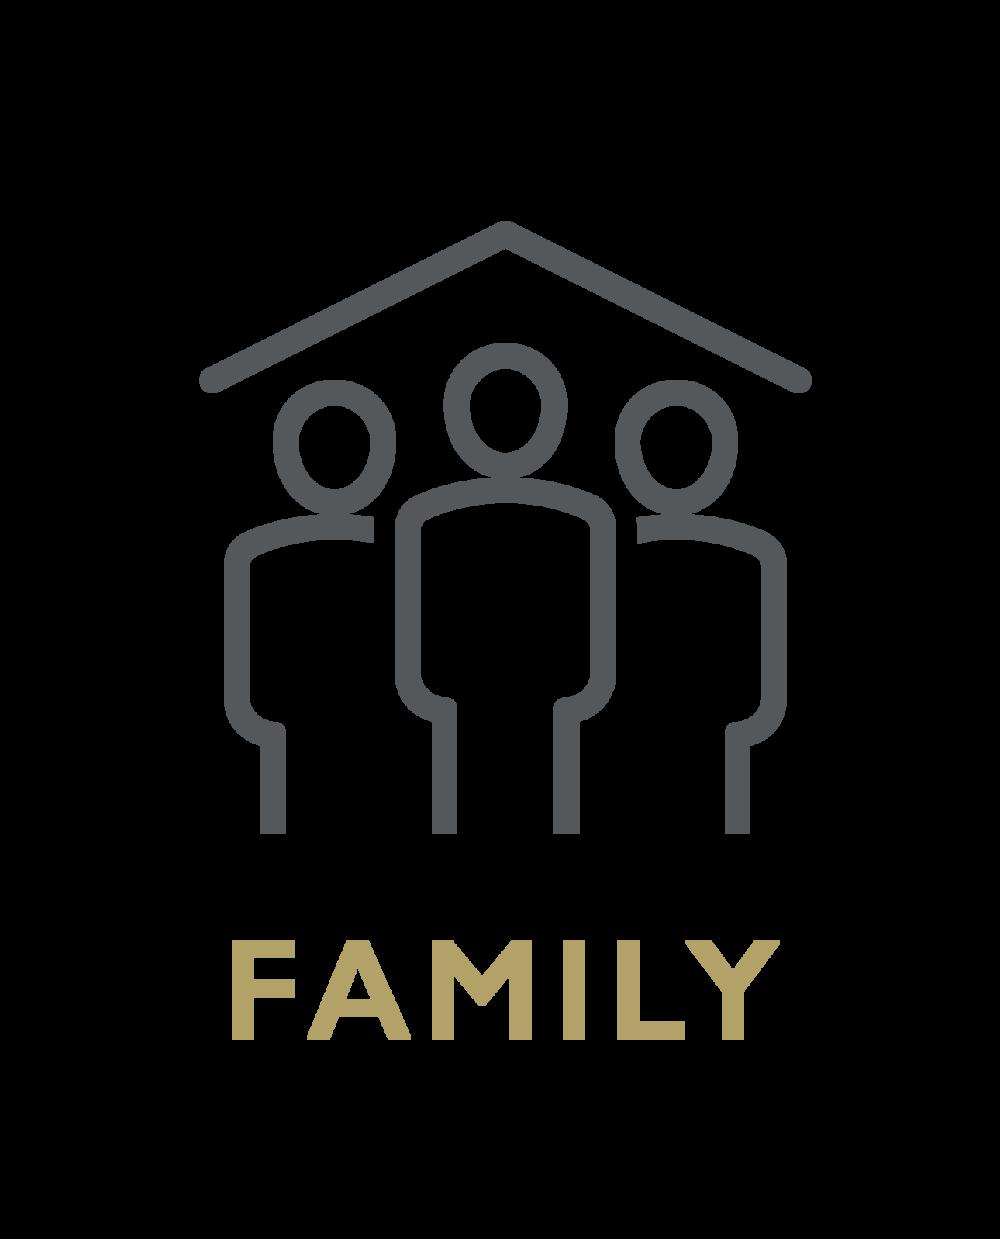 YAC_Values_6_Icons_OTL_RGB-FAMILY.png